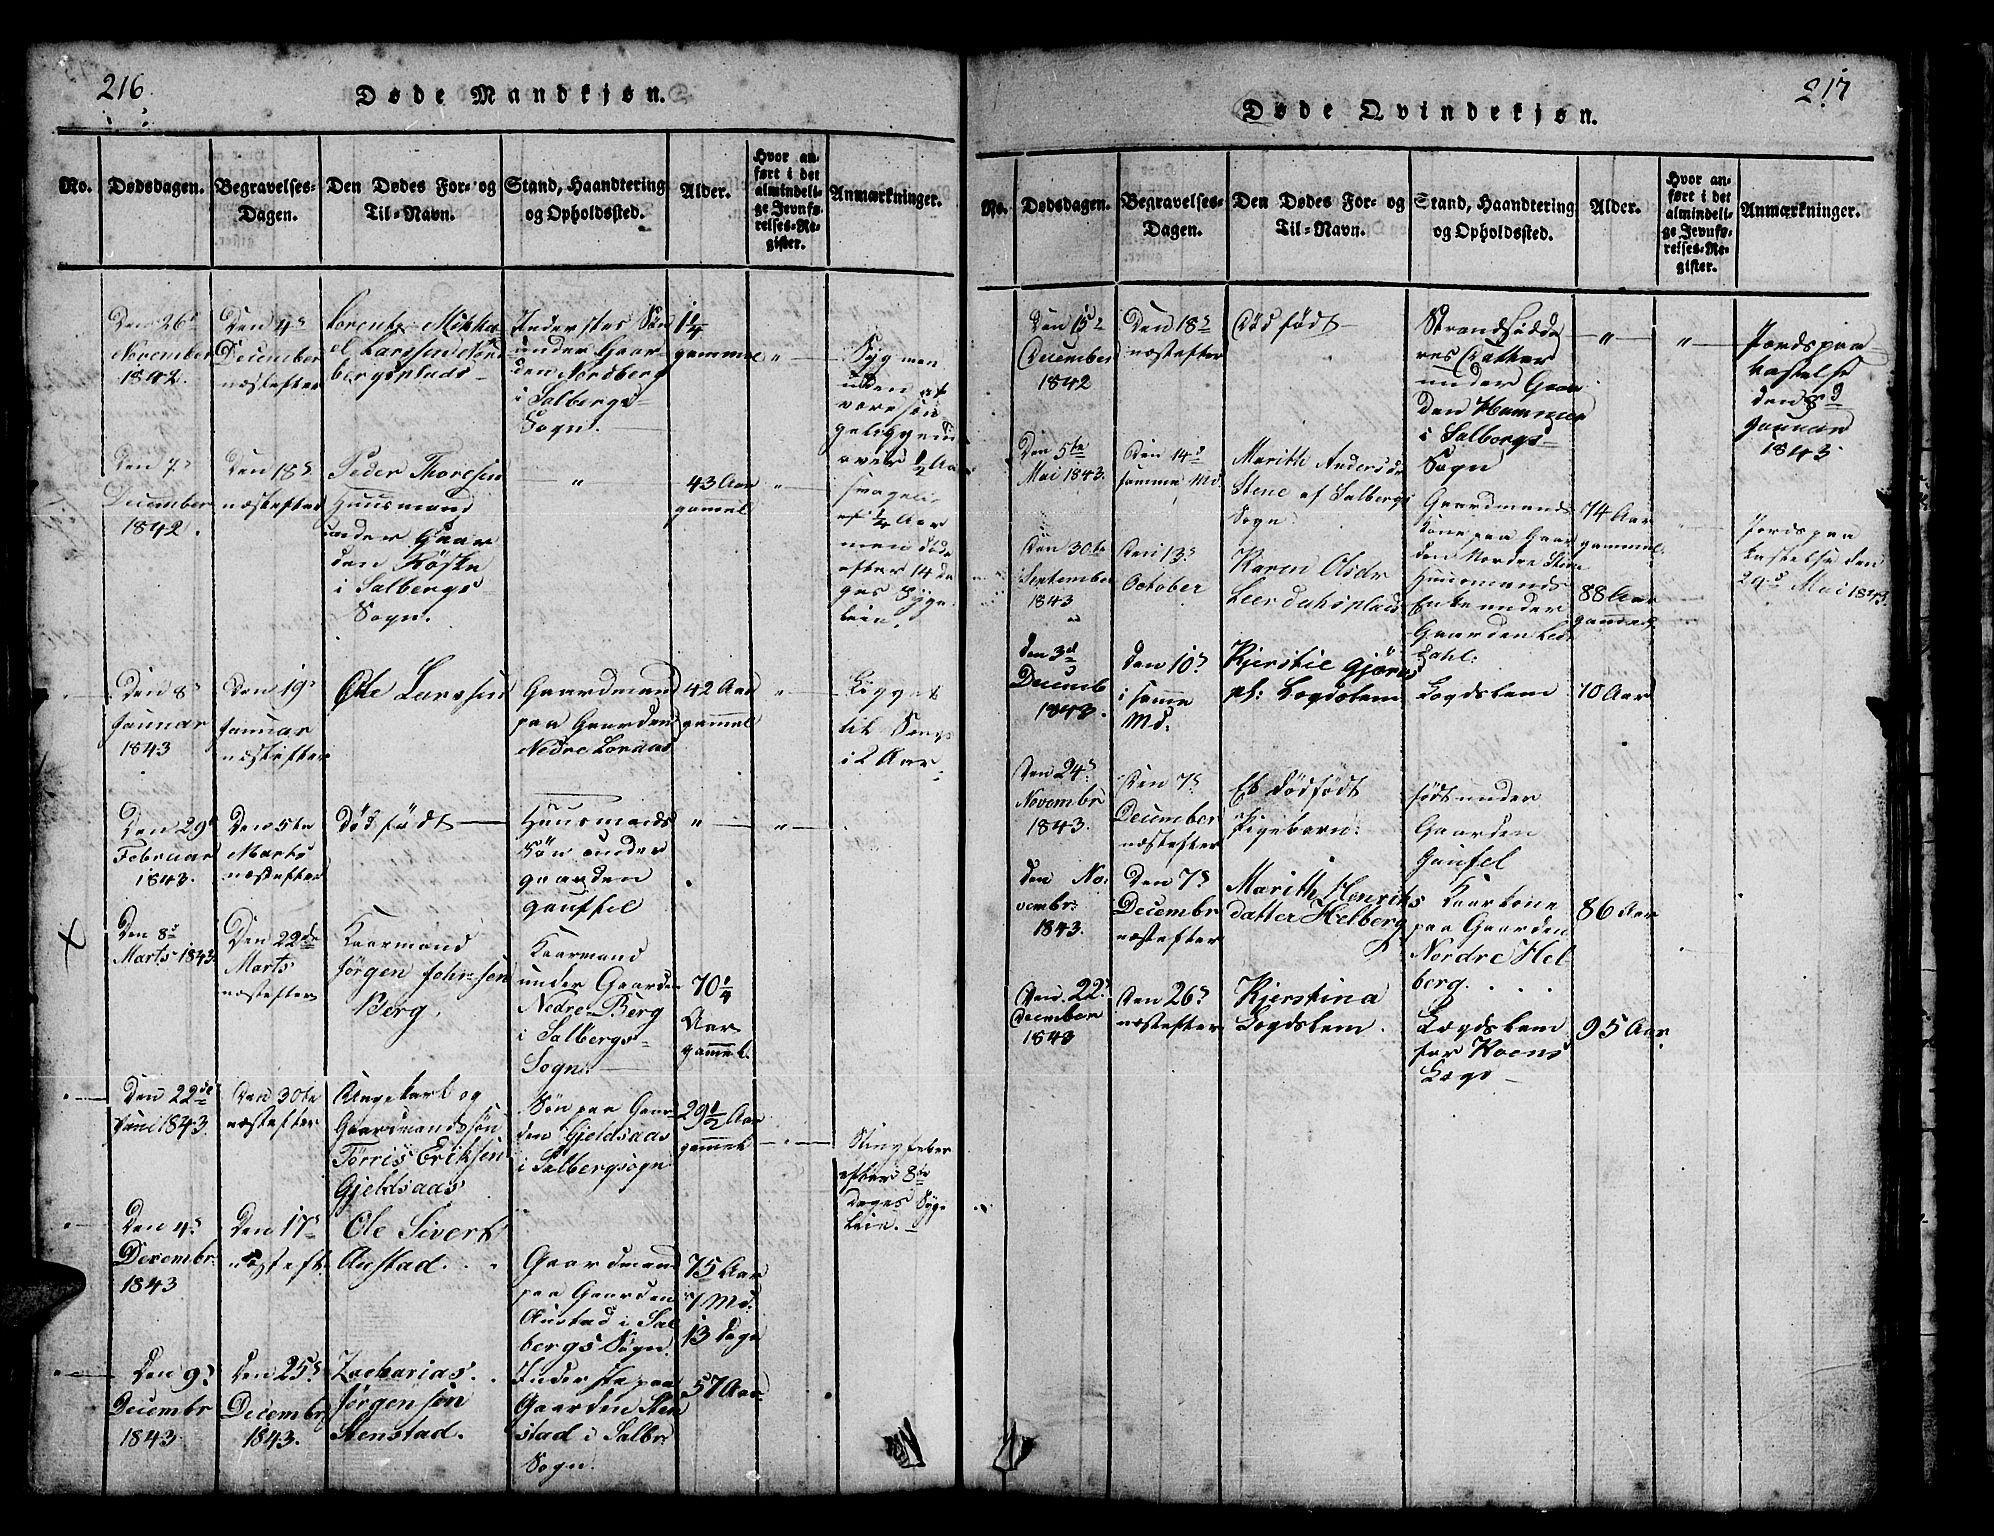 SAT, Ministerialprotokoller, klokkerbøker og fødselsregistre - Nord-Trøndelag, 731/L0310: Klokkerbok nr. 731C01, 1816-1874, s. 216-217